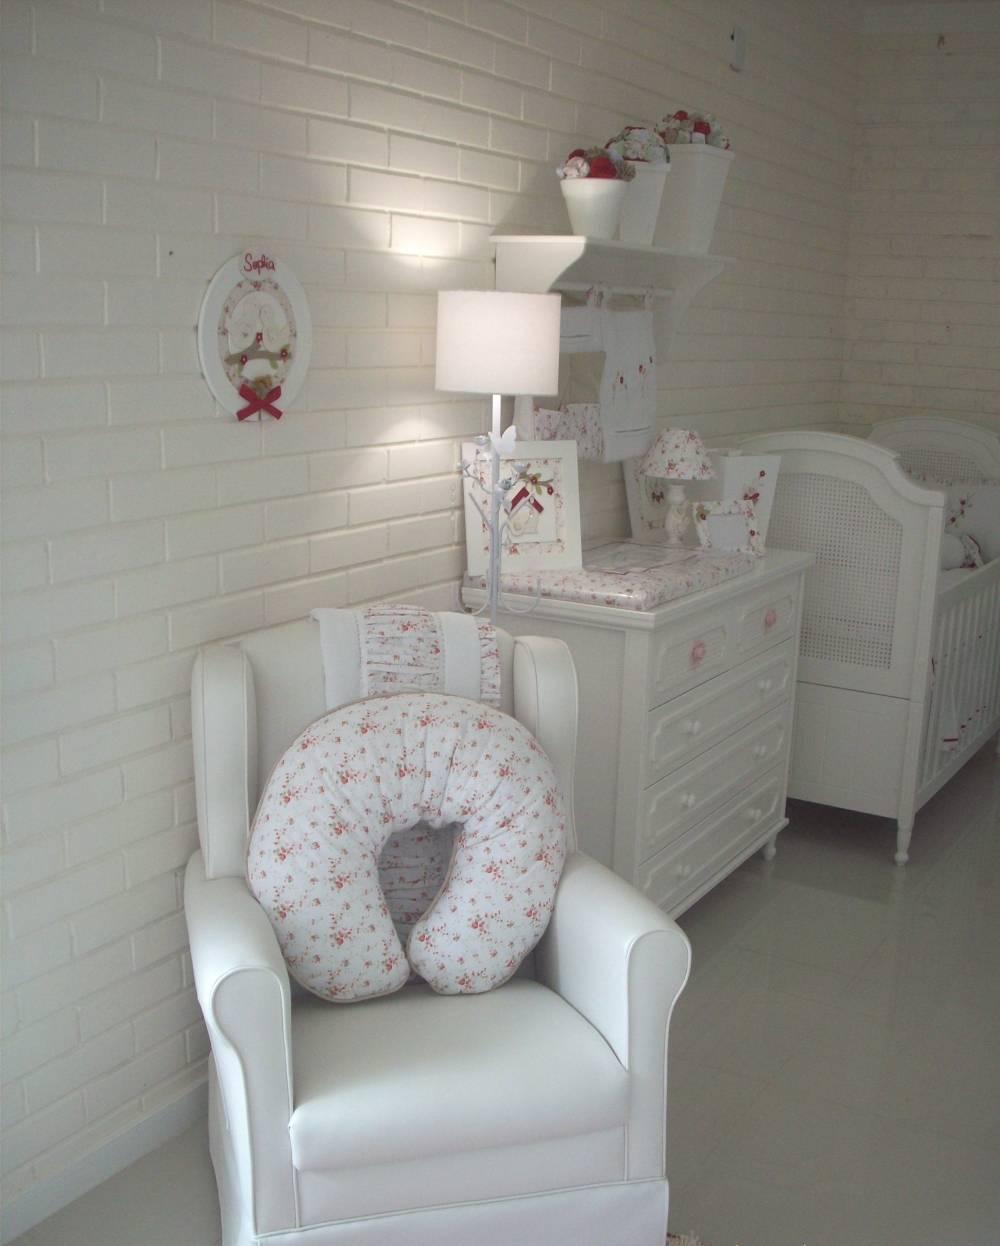 Decoração de Quarto de Bebê em Apartamento Pequeno no Bom Retiro - Decoração Quarto de Bebê Menino